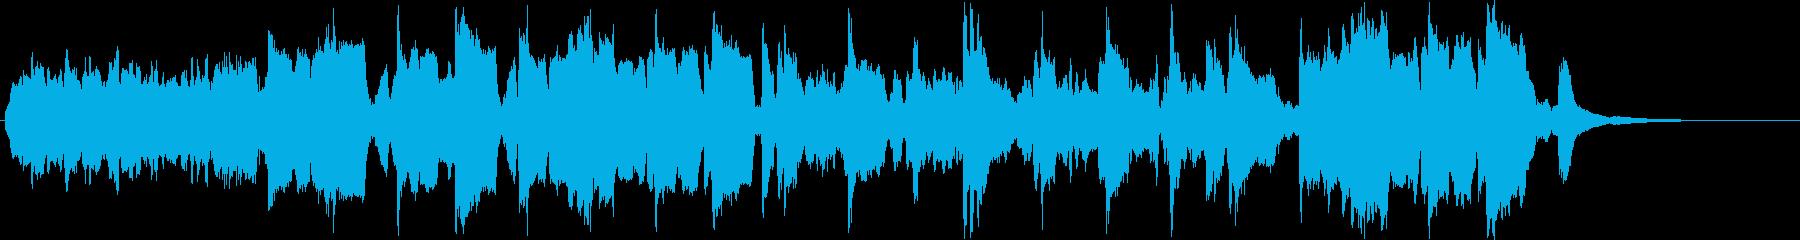 お誕生日|ハッピーバースデートゥーユーの再生済みの波形